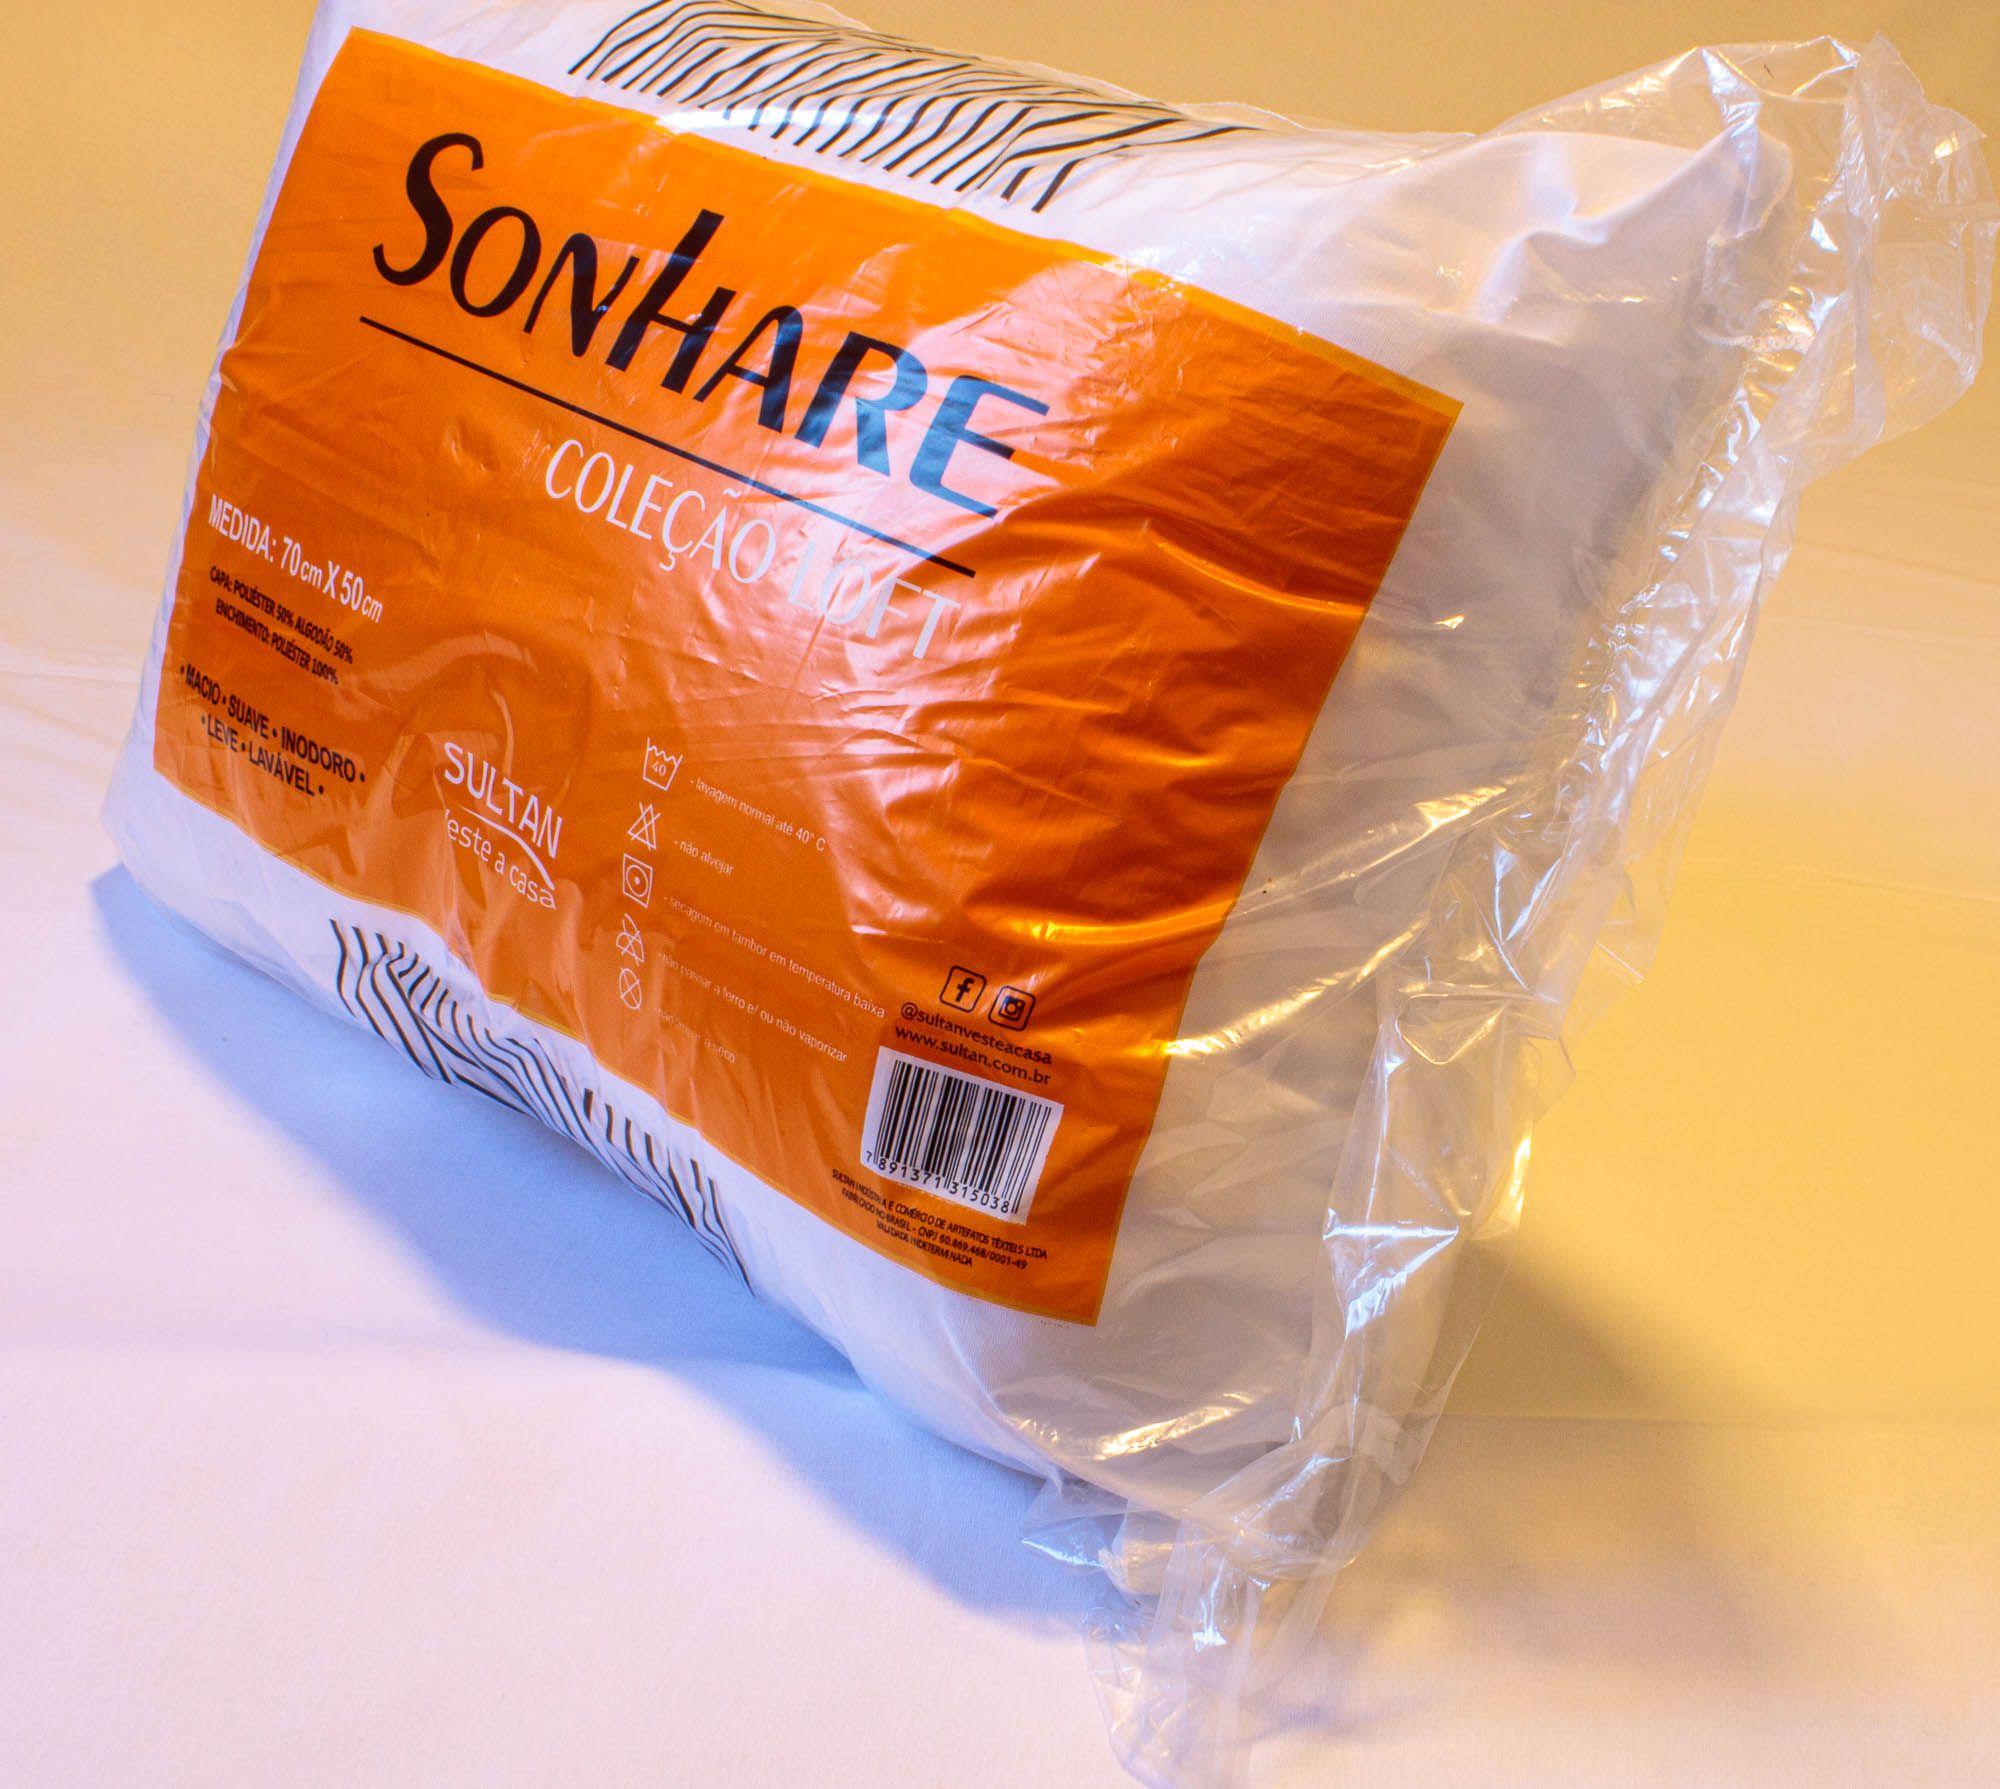 Travesseiro Sonhare Sultan 70x50cm Coleção Loft Macio Lavável Inodoro